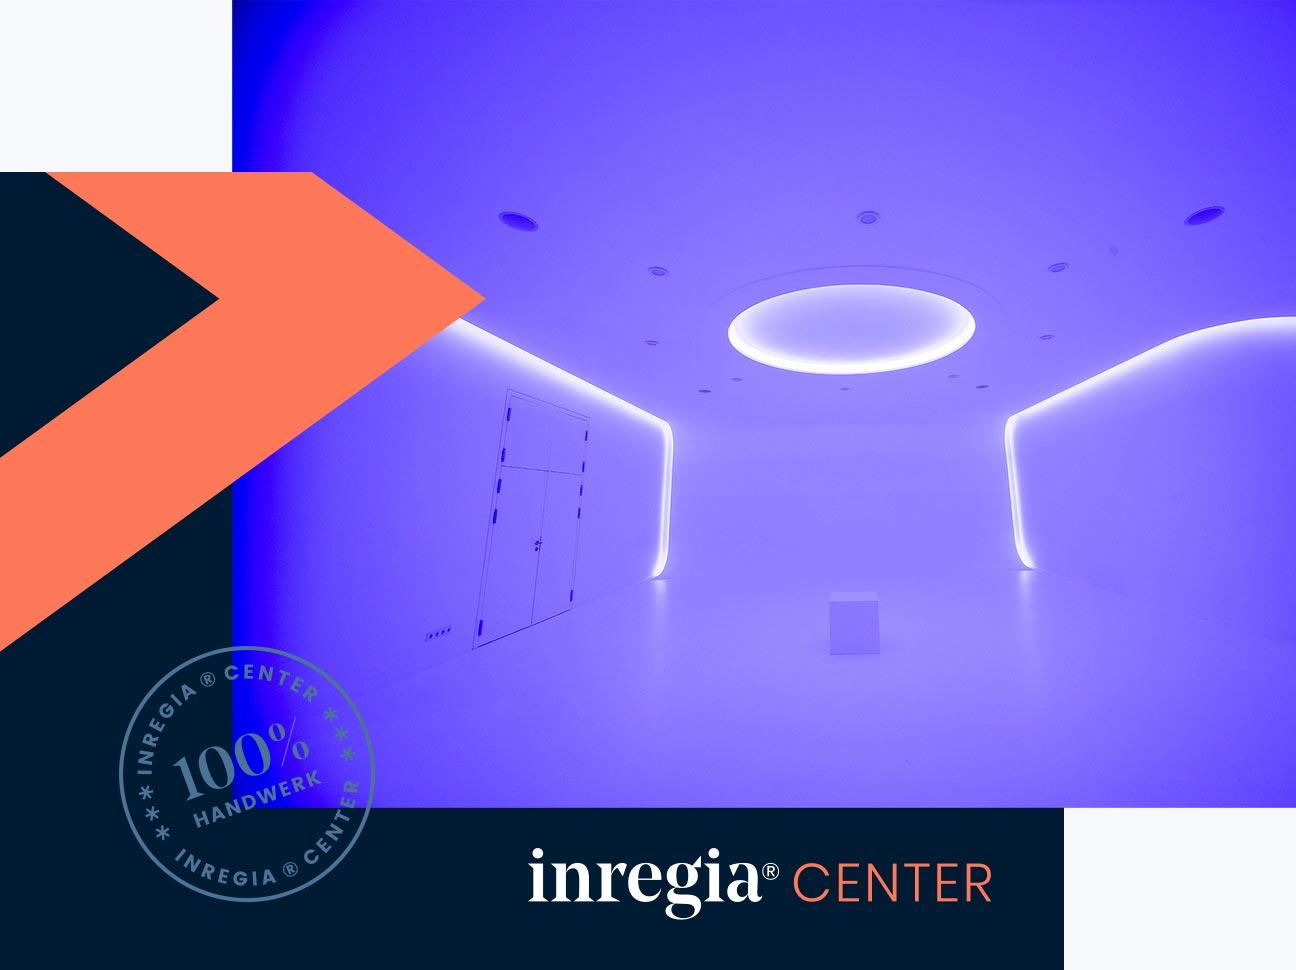 inregia unternehmernetzwerk inregiacenter Eventlocation handwerkerausstellung Firmennetzwerk unternehmer netzwerk Eventlocation Möbel Dekoartikel Genuß Lounge